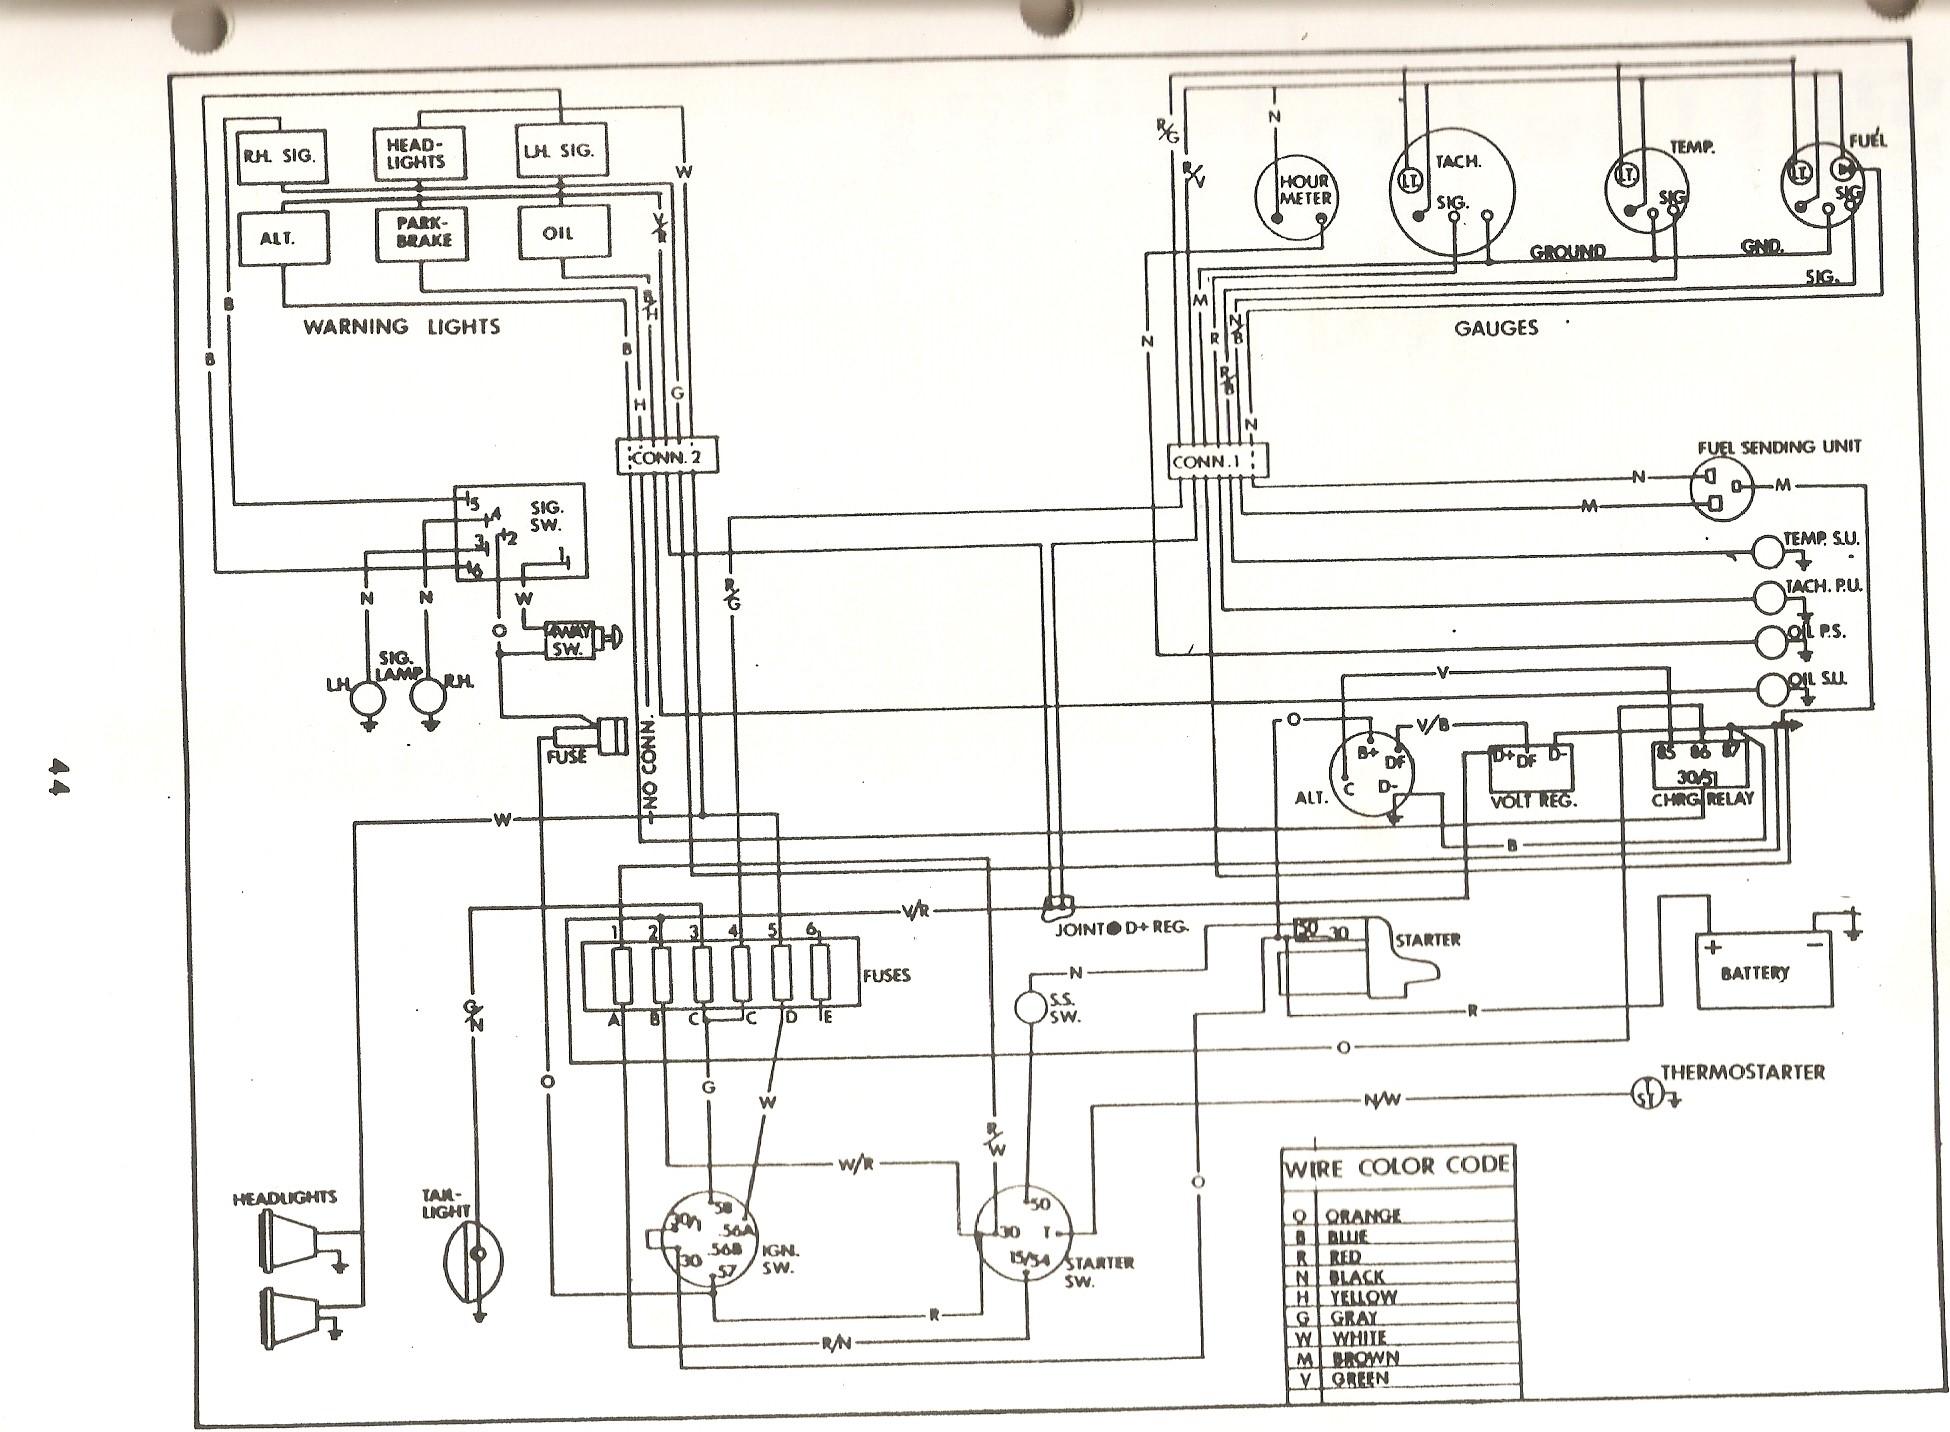 6LU_506] Long Tractor Wiring Diagram   series-harvest wiring diagram option    series-harvest.brunasibille.itbrunasibille.it